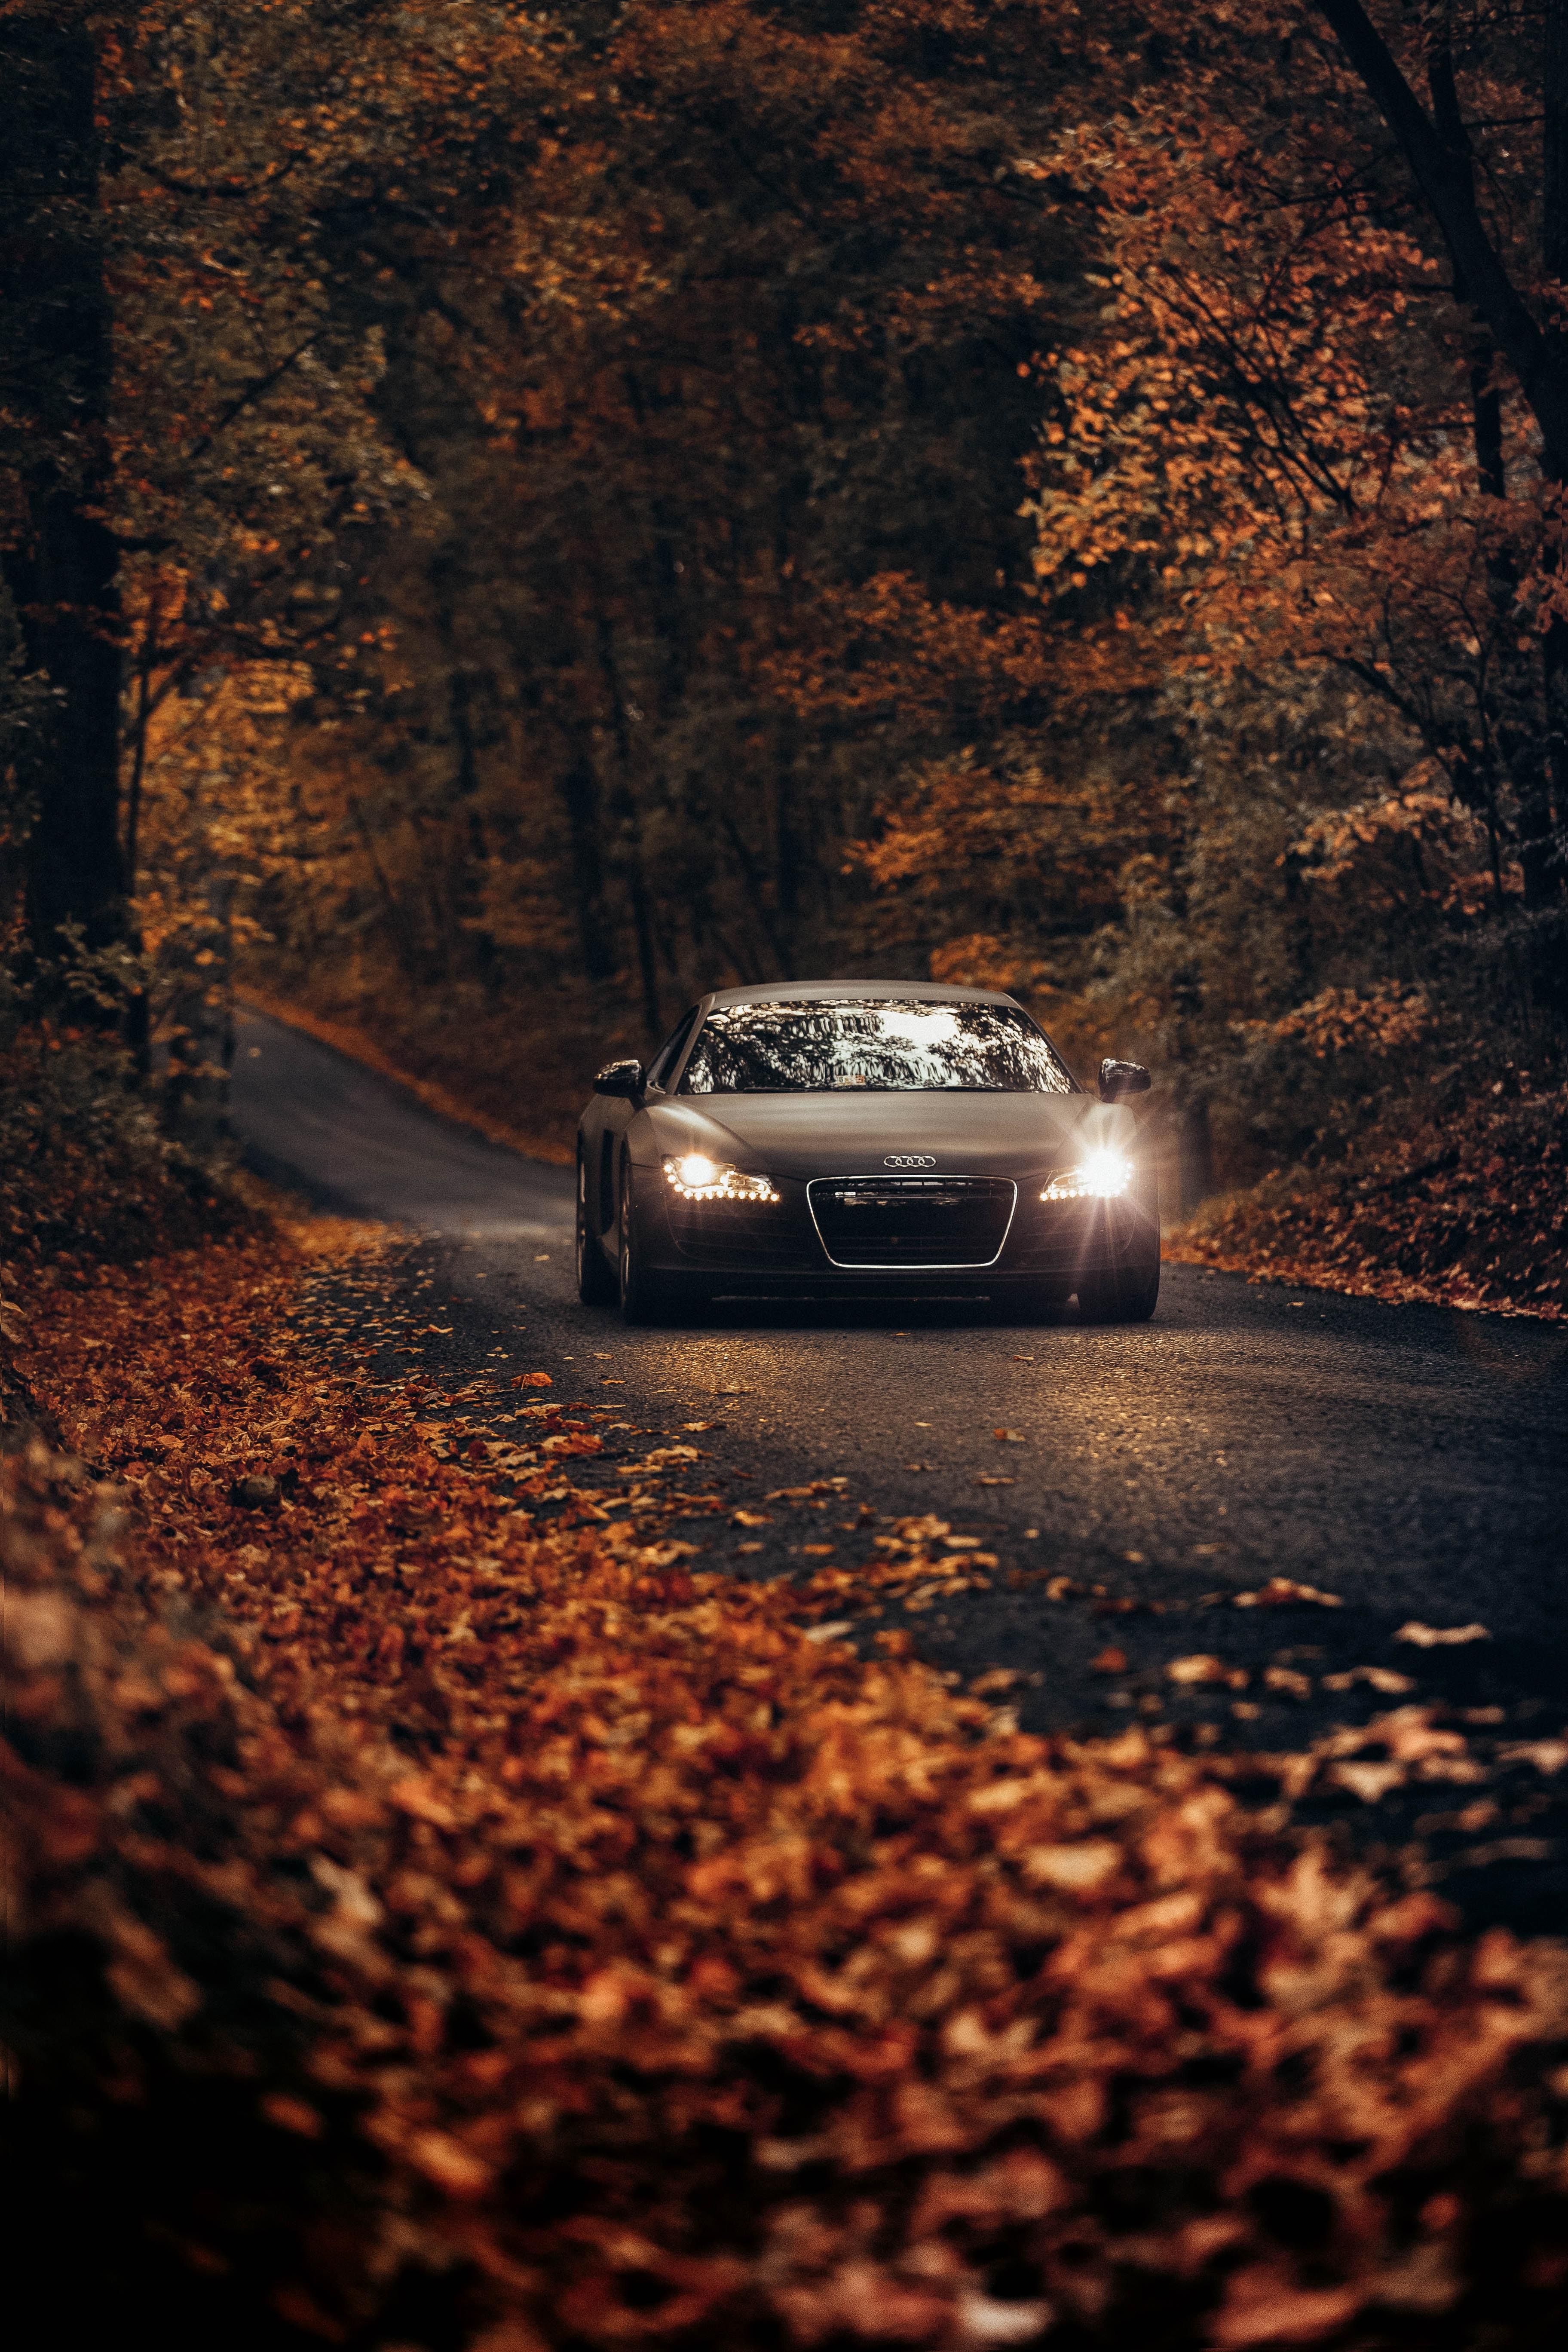 122388 скачать обои Осень, Ауди (Audi), Асфальт, Дорога, Движение, Тачки (Cars), Audi Tt - заставки и картинки бесплатно